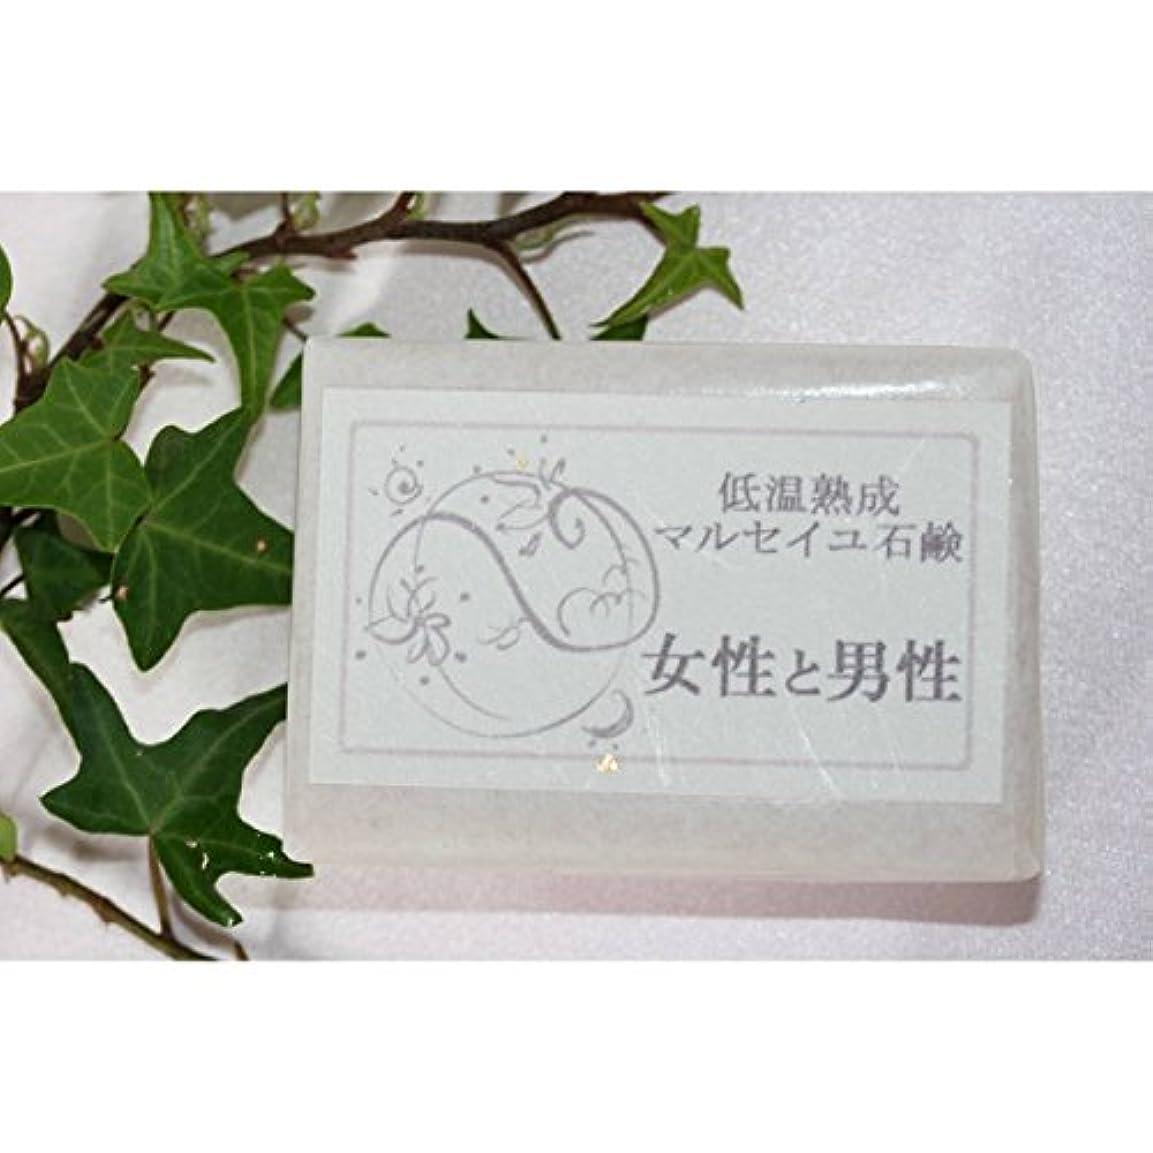 意識十年曖昧なマウントフジ フラワーエッセンス 低温熟成 マルセイユ石鹸 「女性と男性」 (MTFUJI FLOWER ESSENCES)